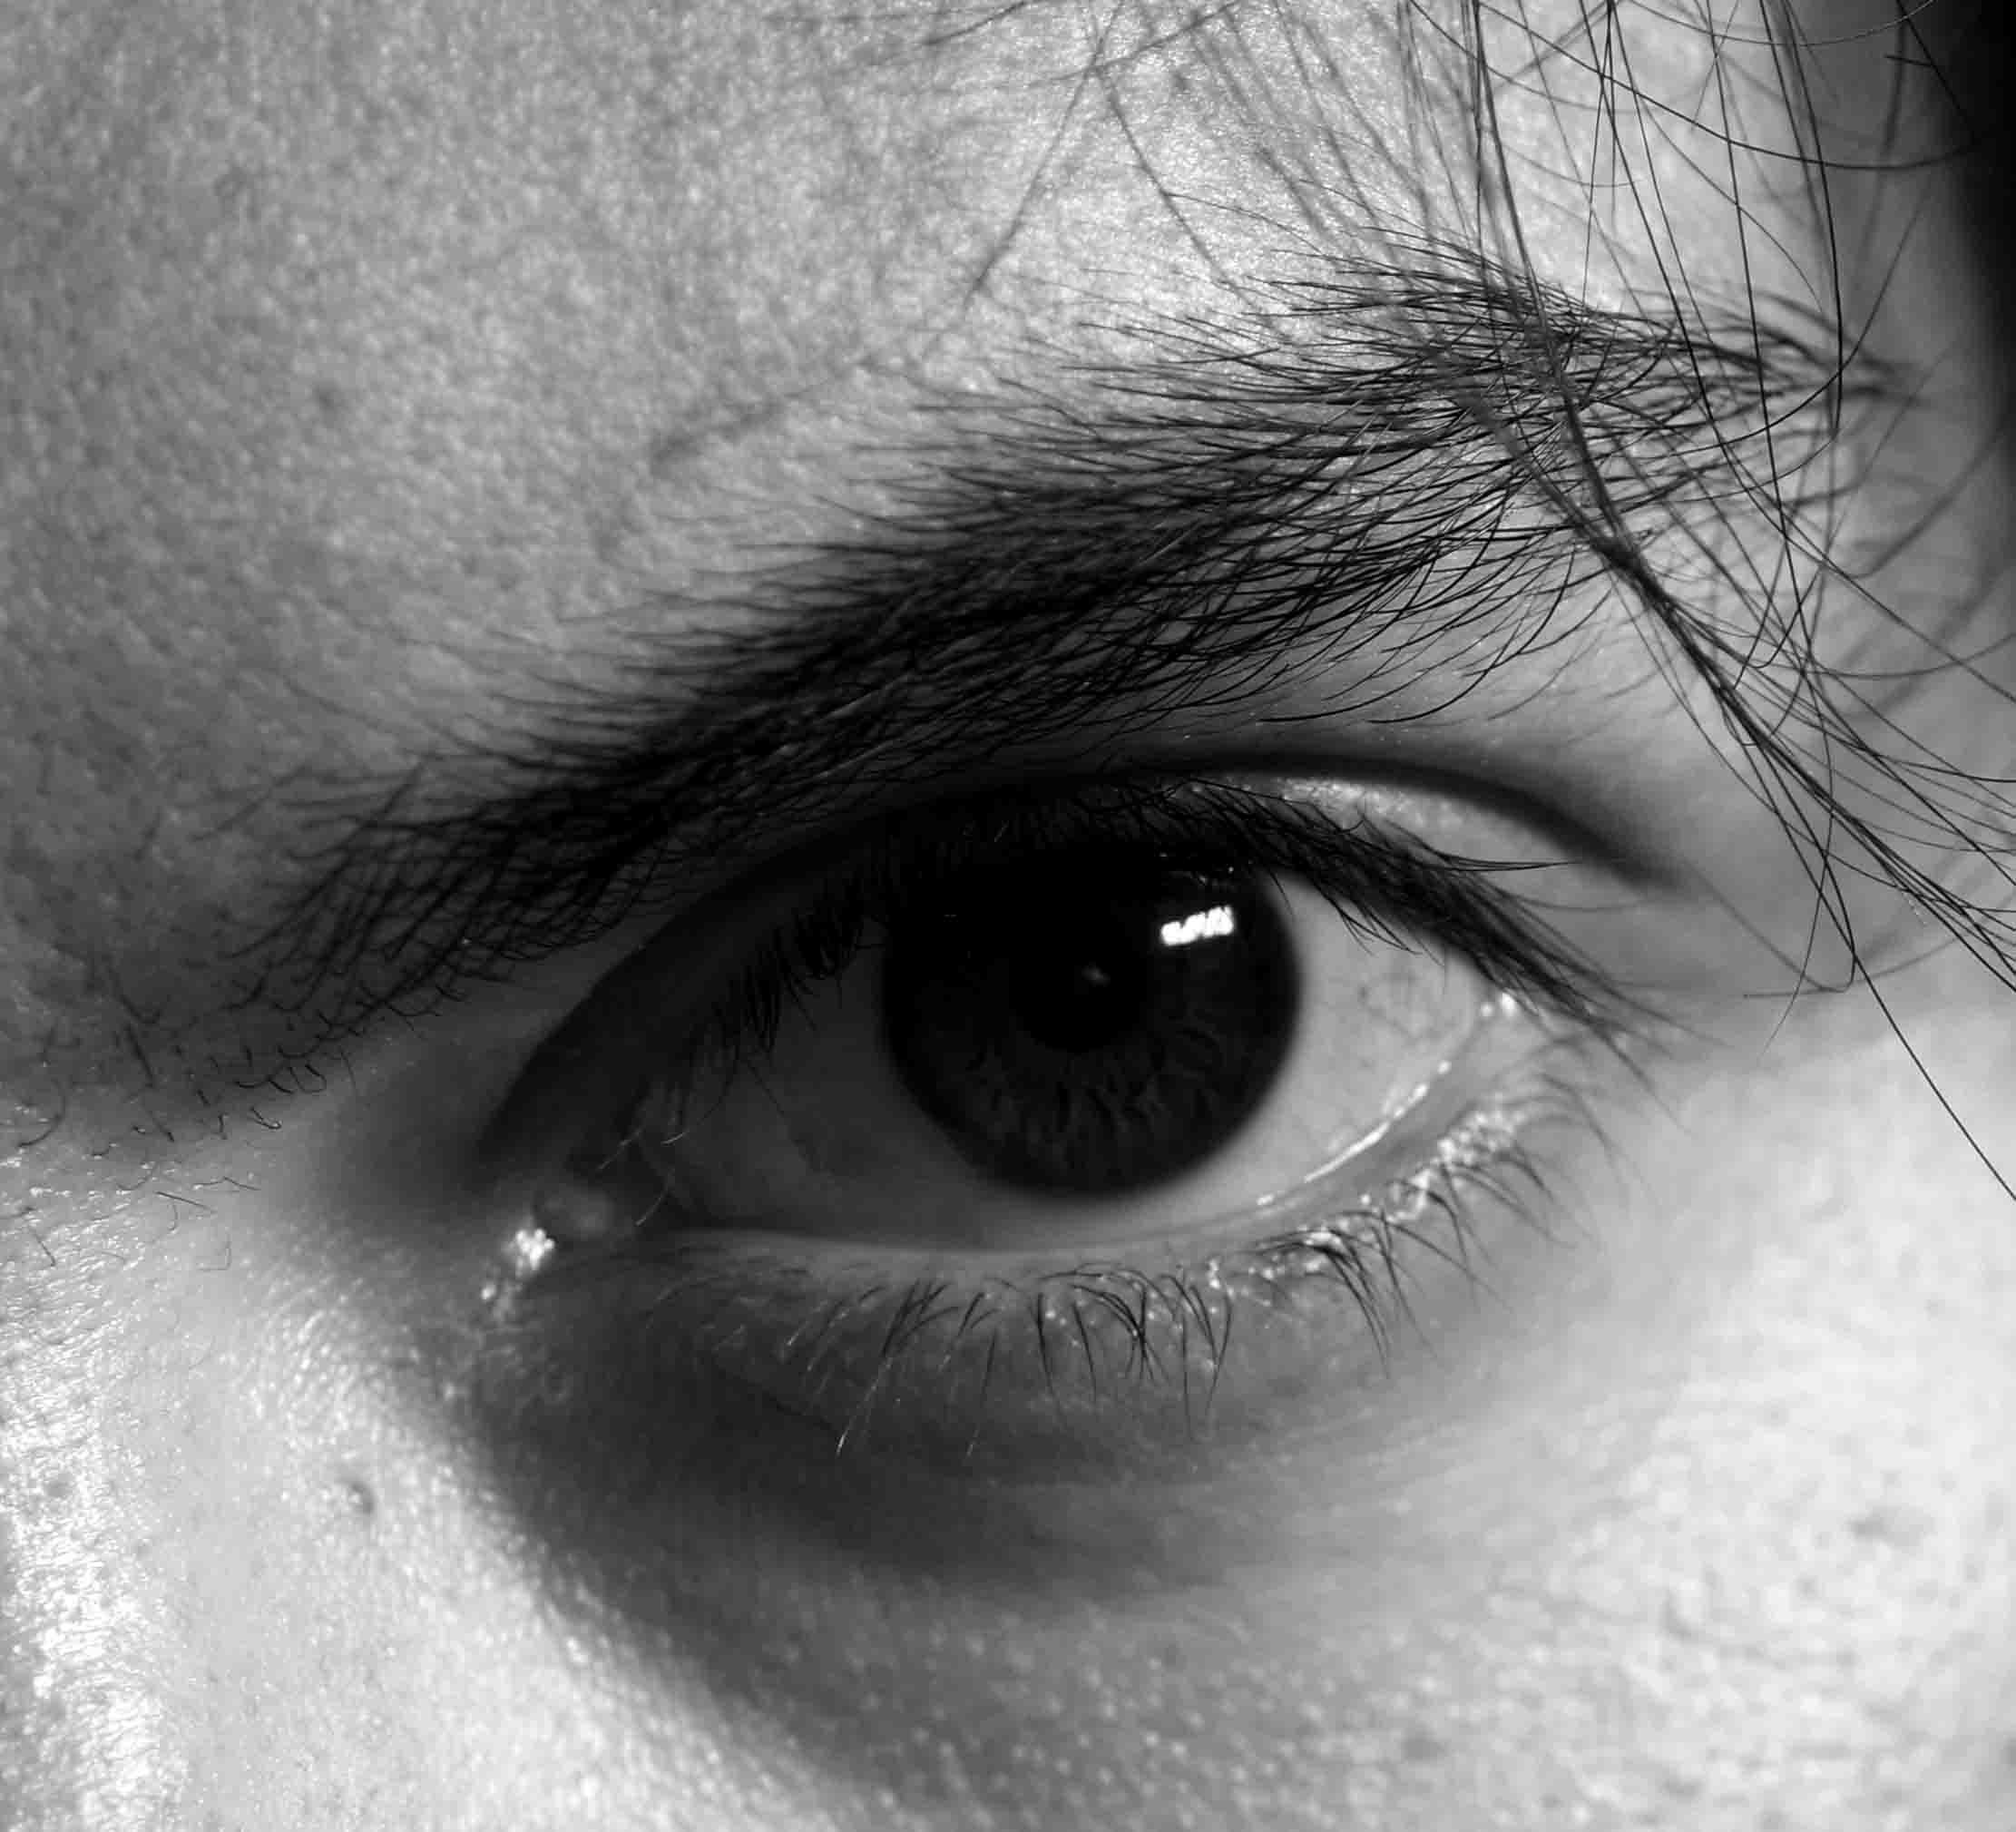 IMGP0138a eye FBo